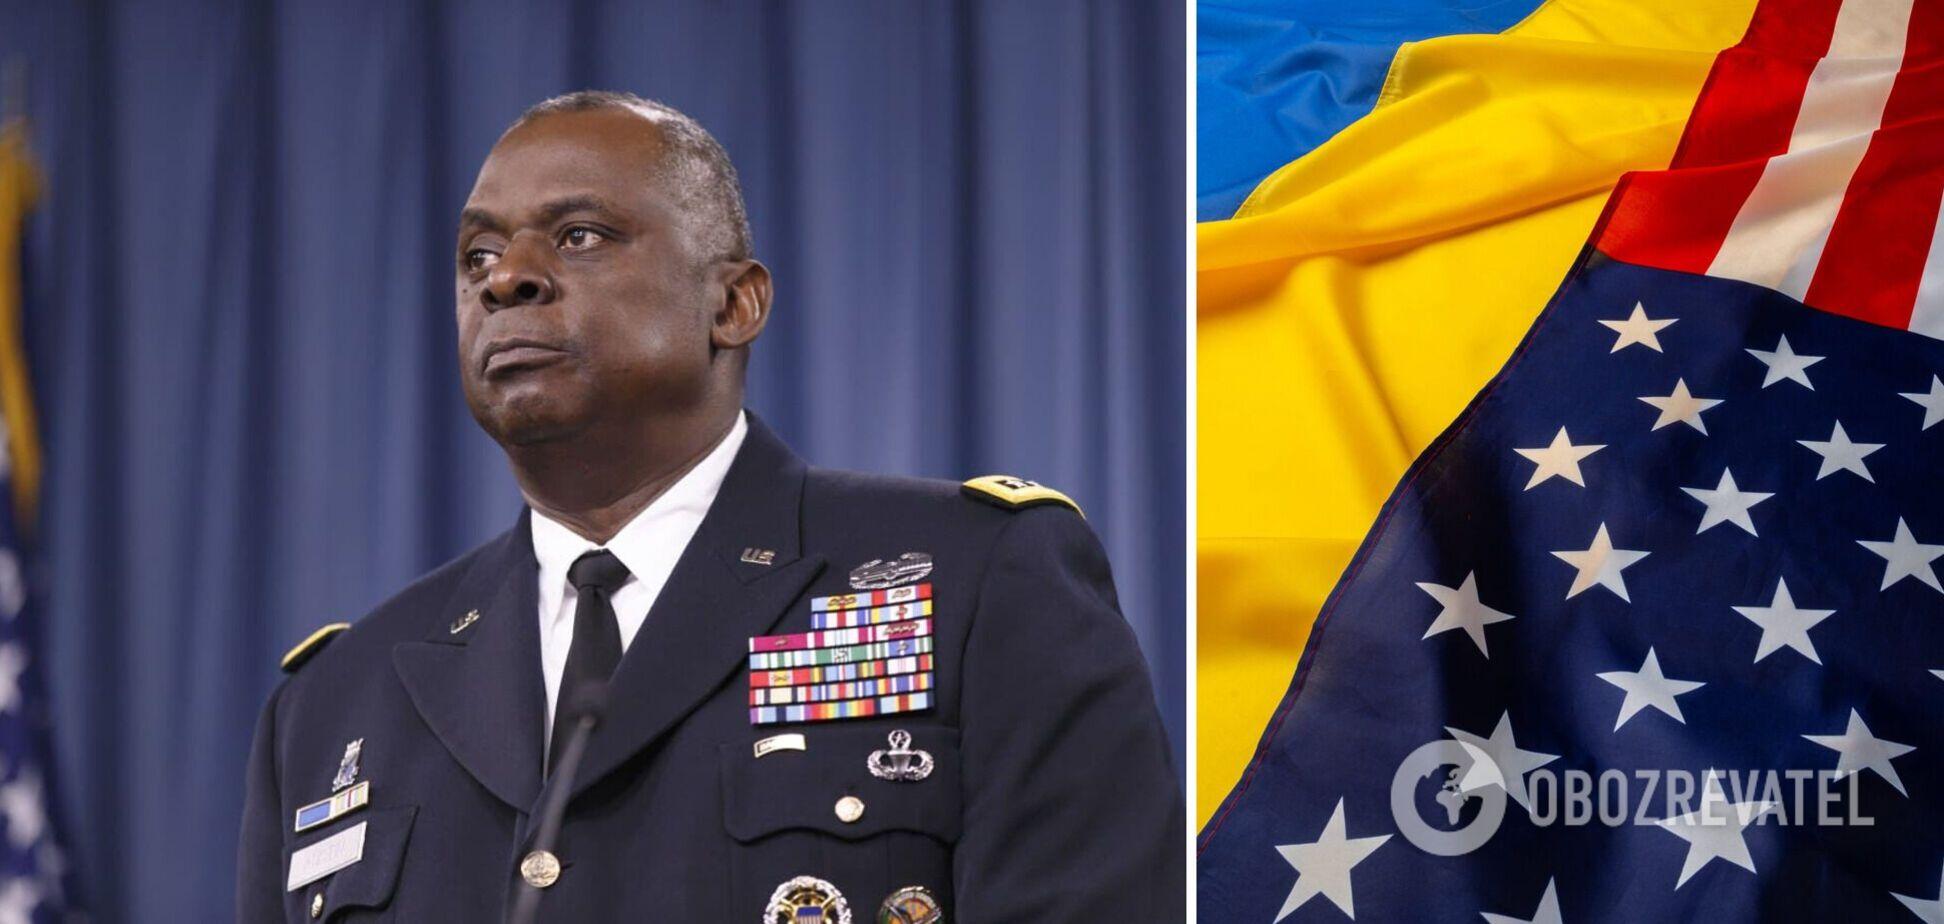 В Україну прибув глава Пентагону Ллойд Остін